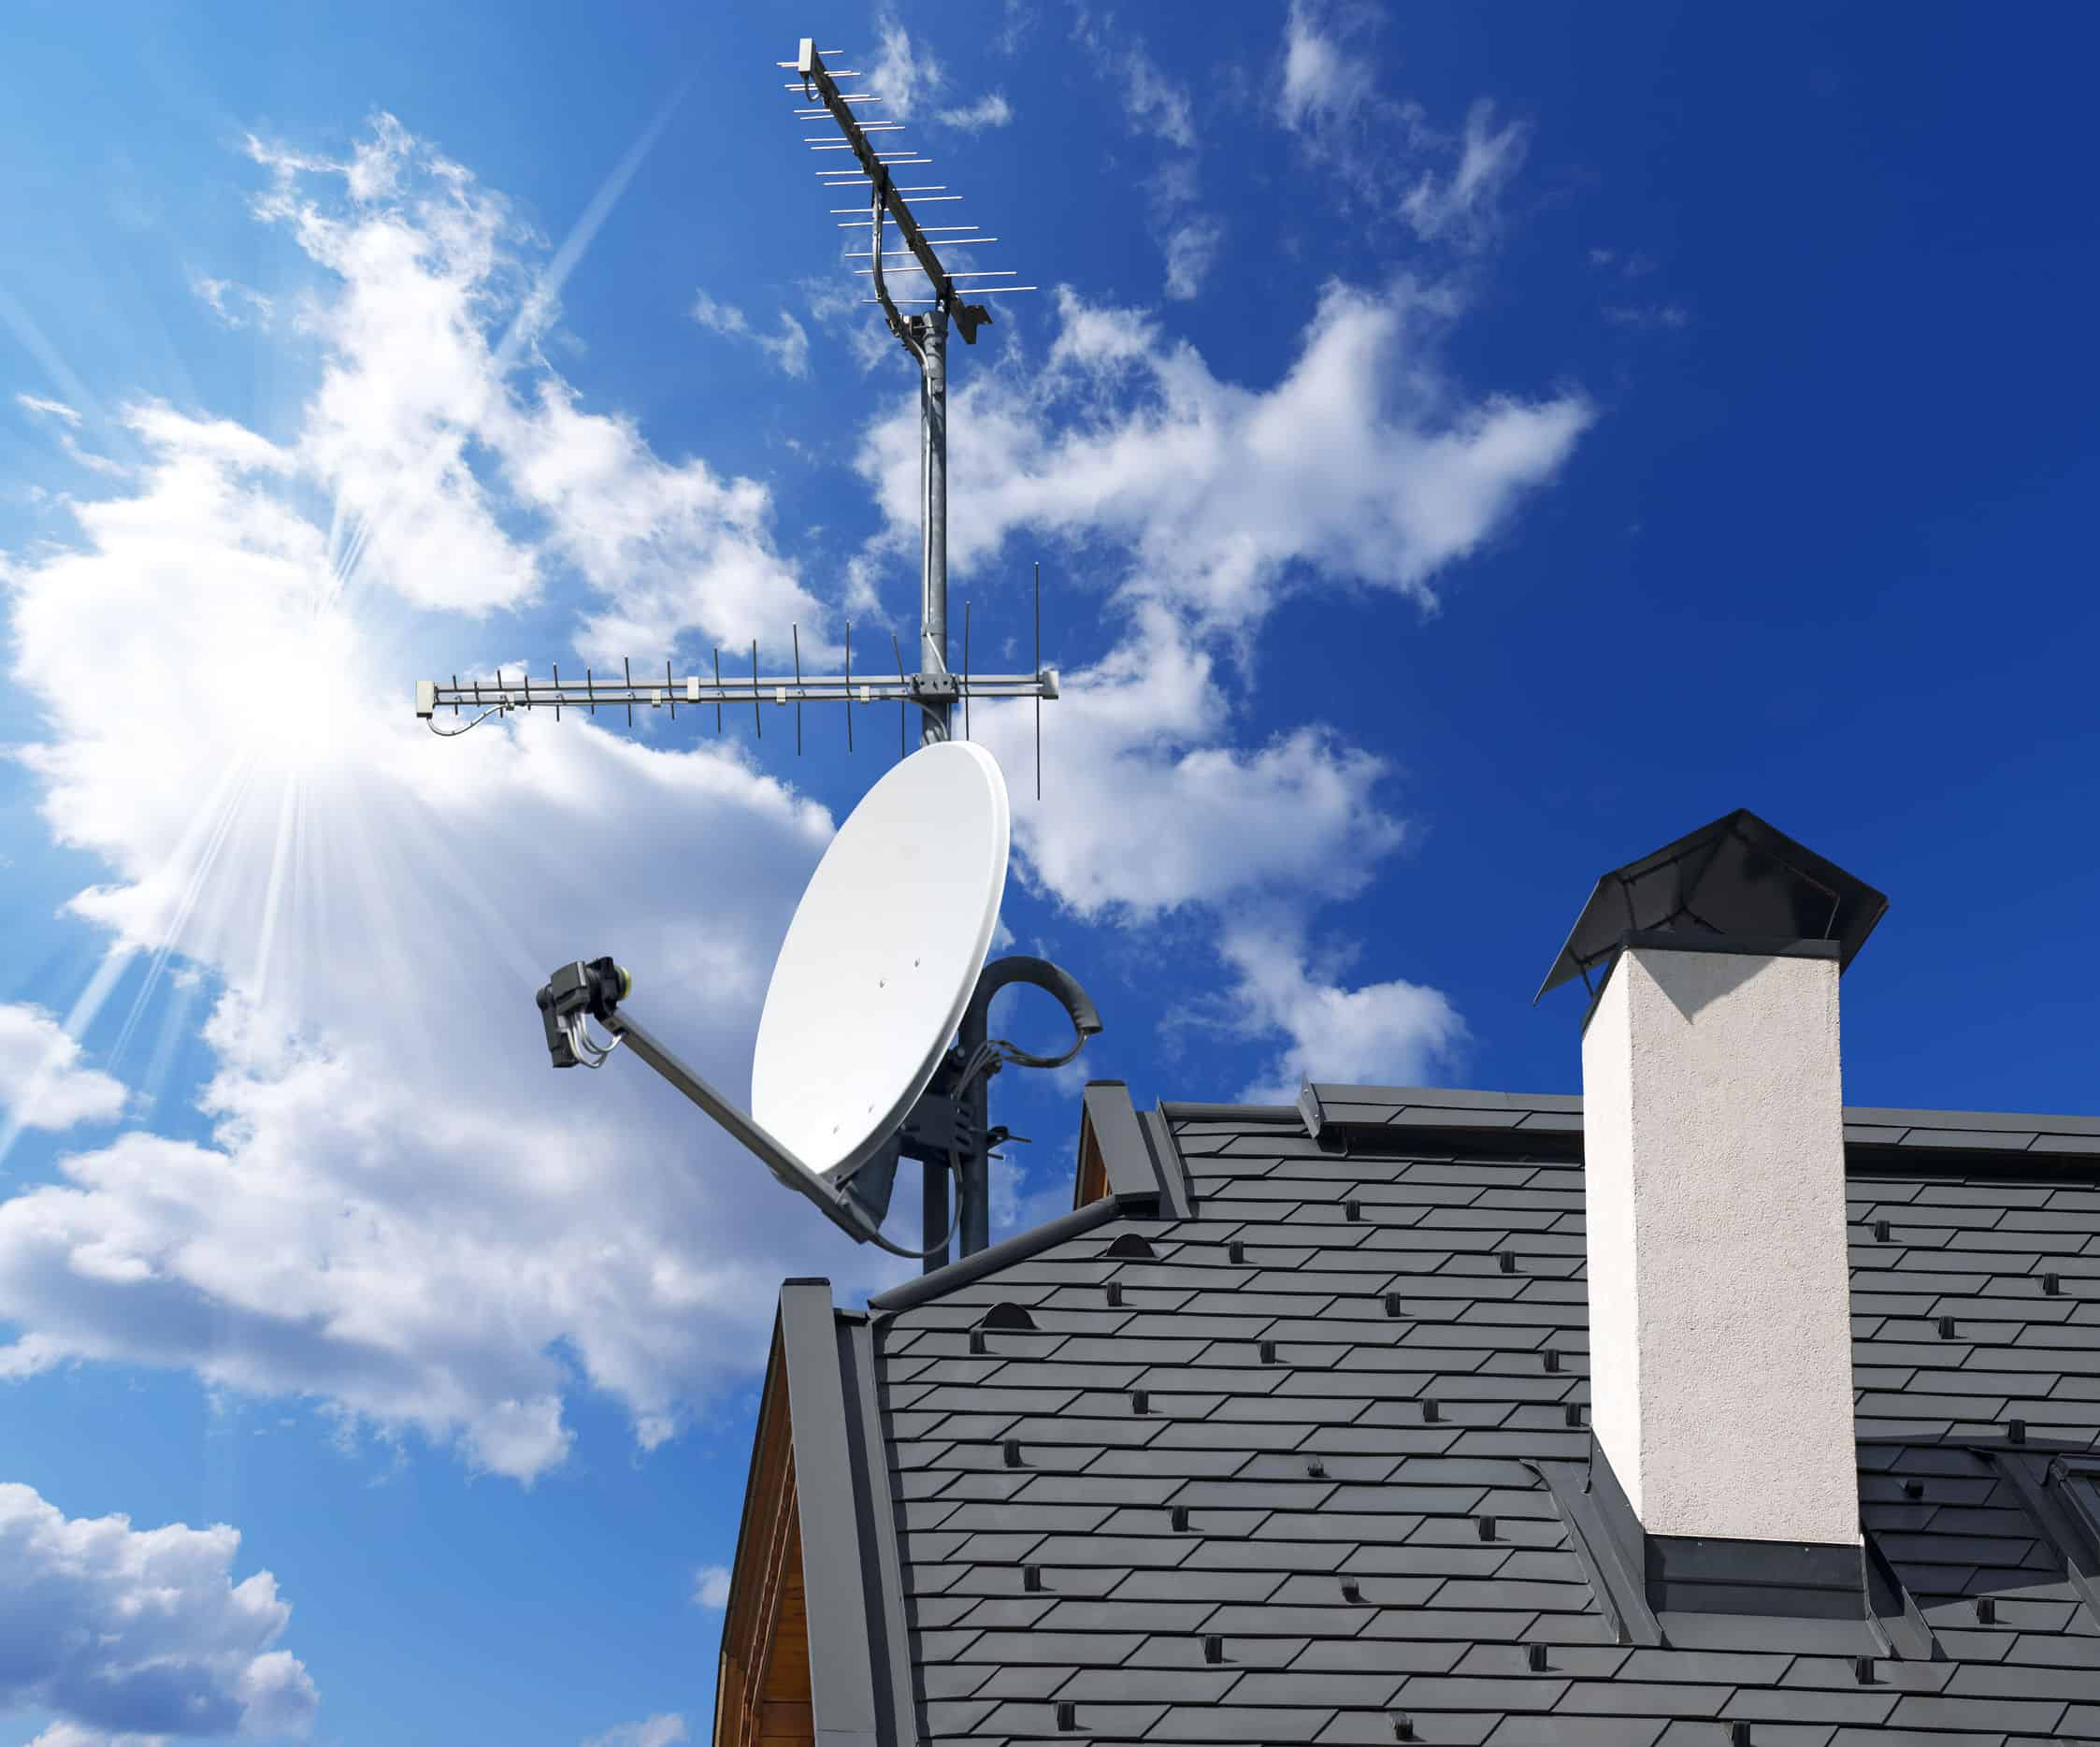 Antena digital: Como escolher a melhor opção em 2021?